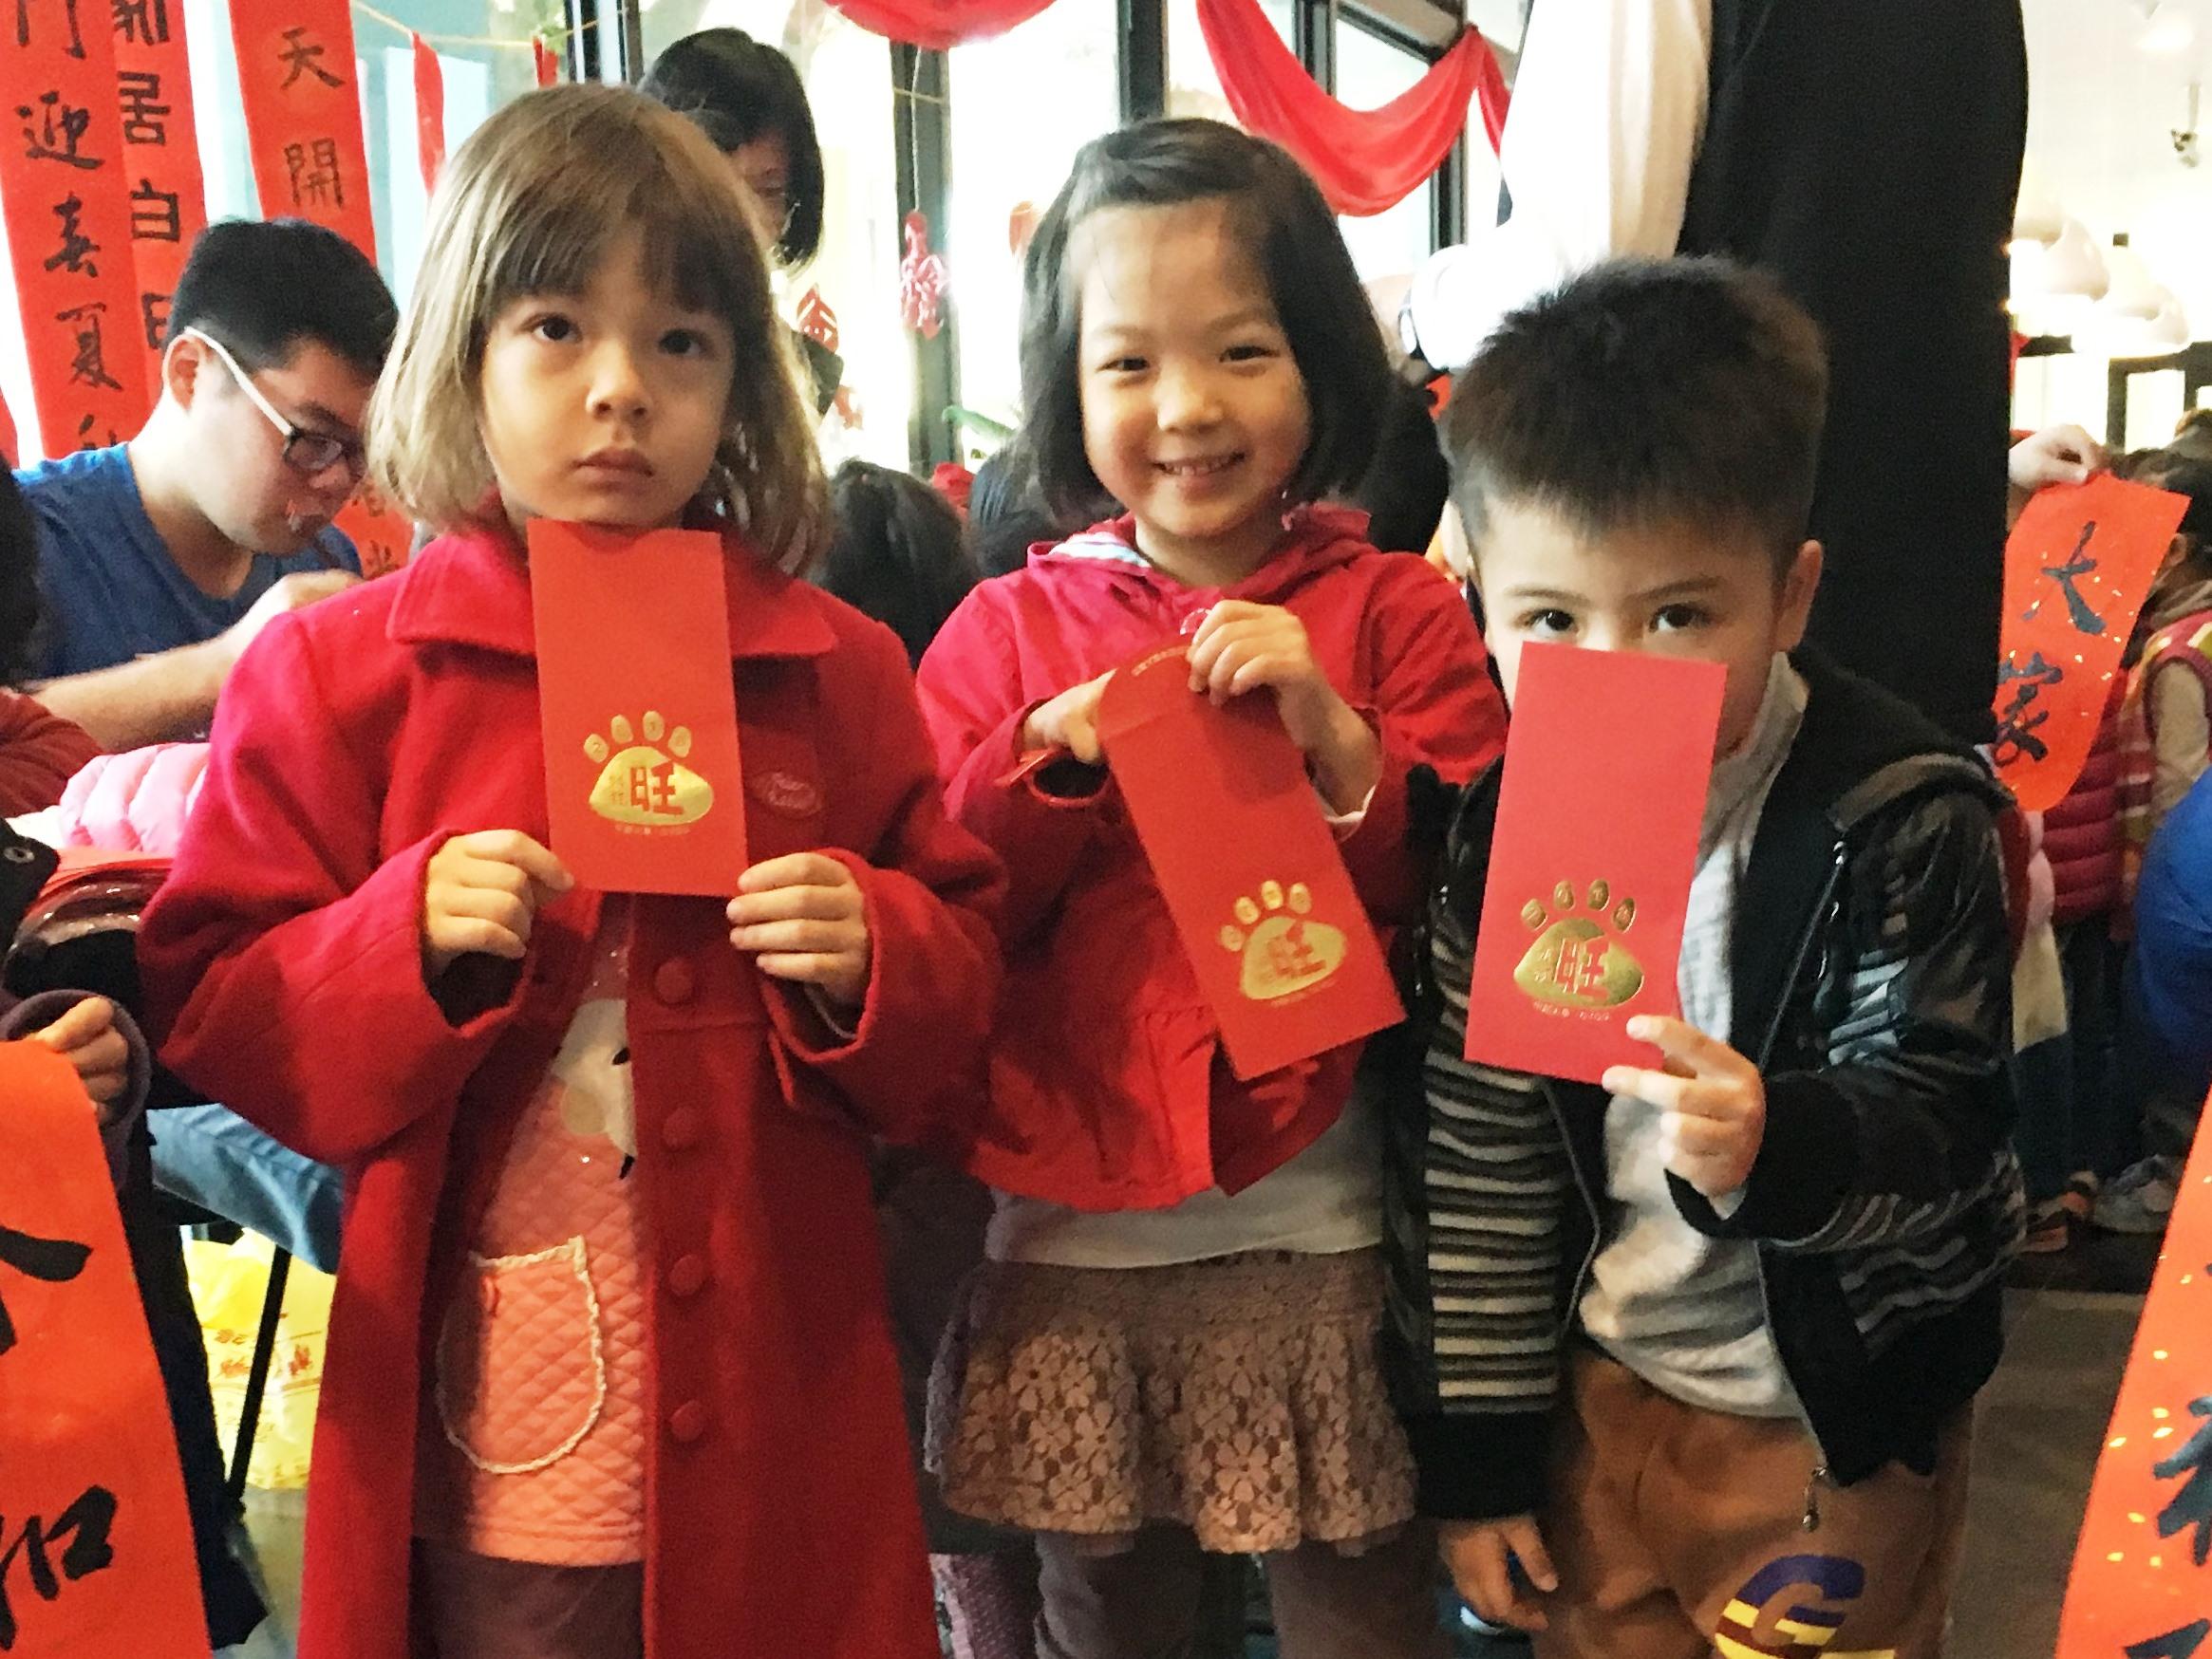 通稿照片03-迎接金狗年中原大學特別發揮創意製作「2018年94狂旺」紅包袋.JPG